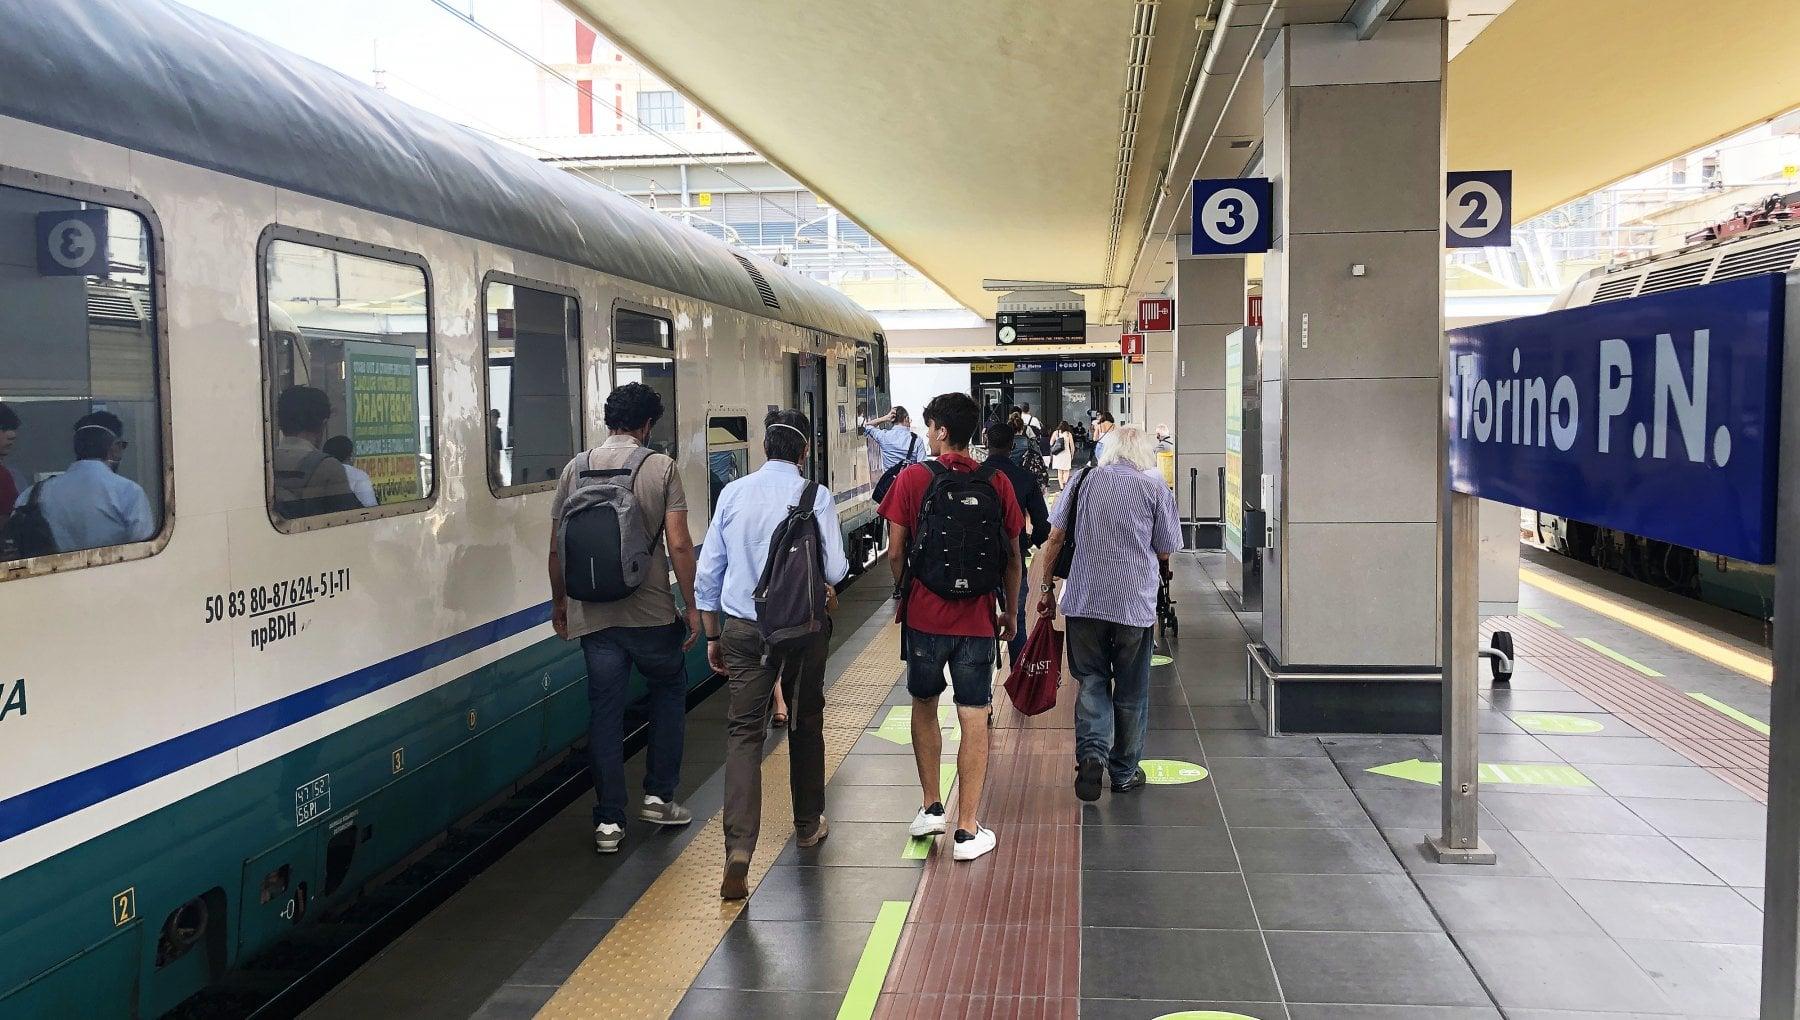 105618978 5a10df96 e771 4425 8598 e1bee2b5c89a - Cts, treni pieni con il green pass. L'indicazione dei tecnici per tornare a viaggiare al 100% della capienza